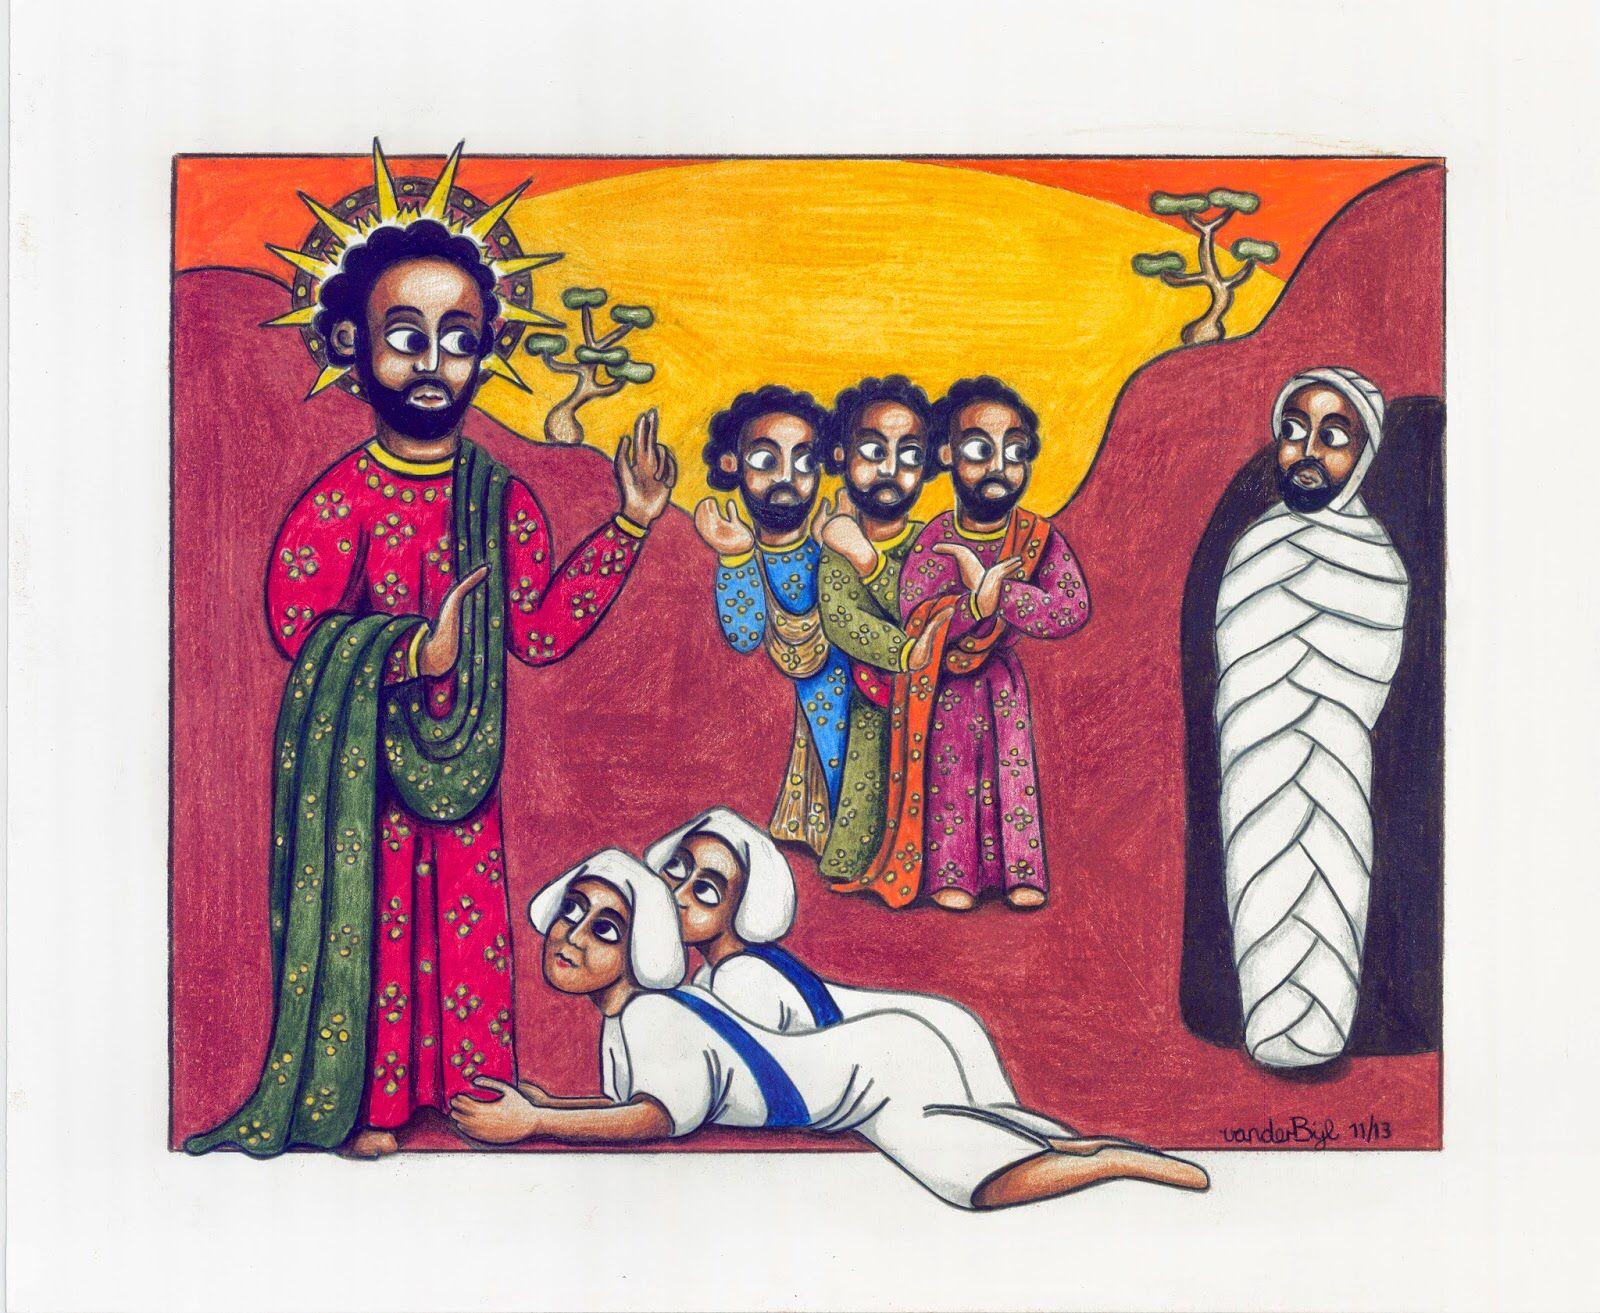 აღდგომა, ლაზარე, ეთიოპია, ეთიოპიური ხატწერა, მხატვრობა